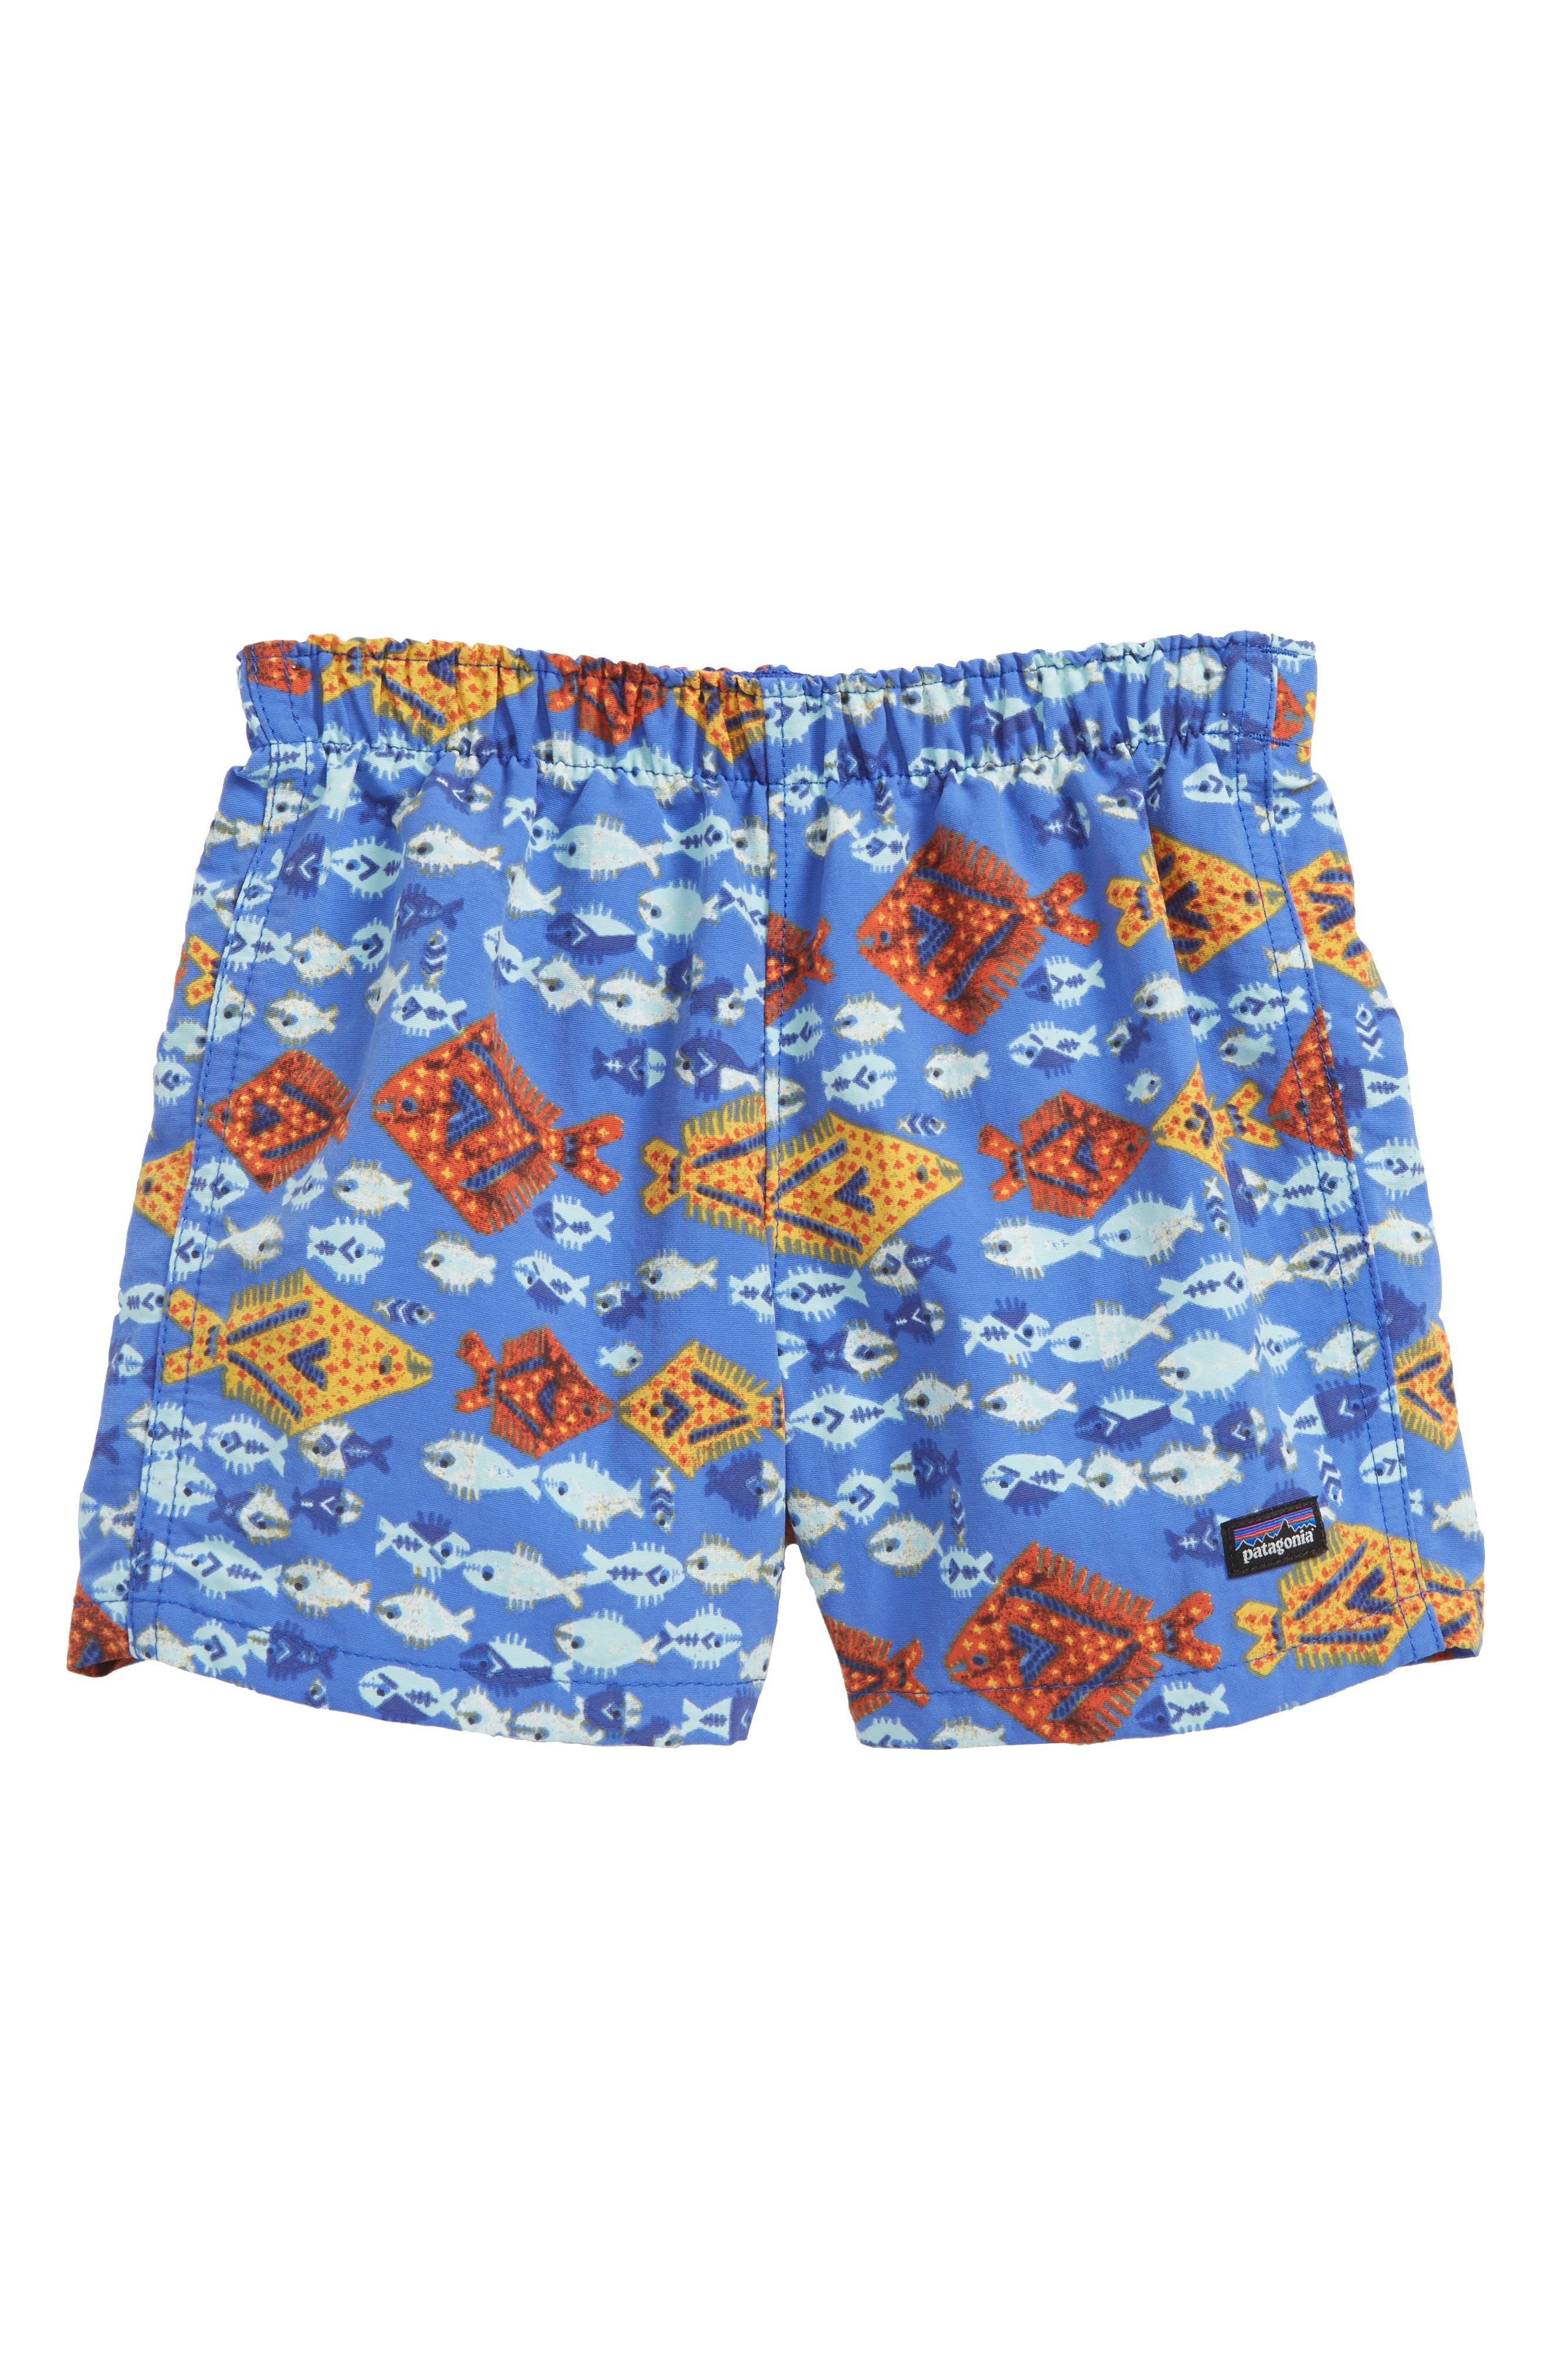 Baggies<sup>™</sup> Shorts,                             Main thumbnail 1, color,                             Doib Dogfish Imperial Blue